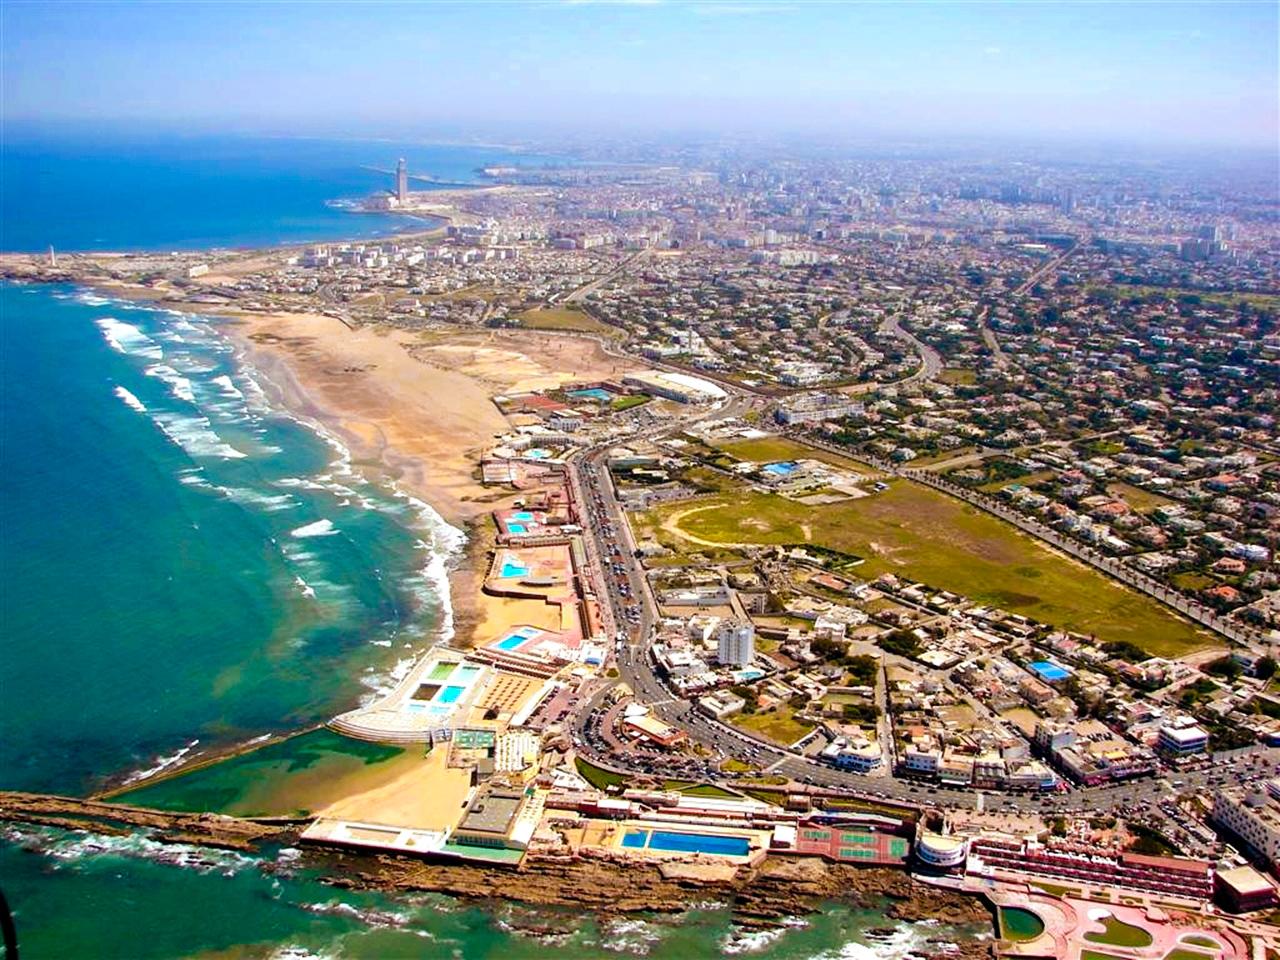 Casablanca morocco tourist destinations - Marocco casablanca ...